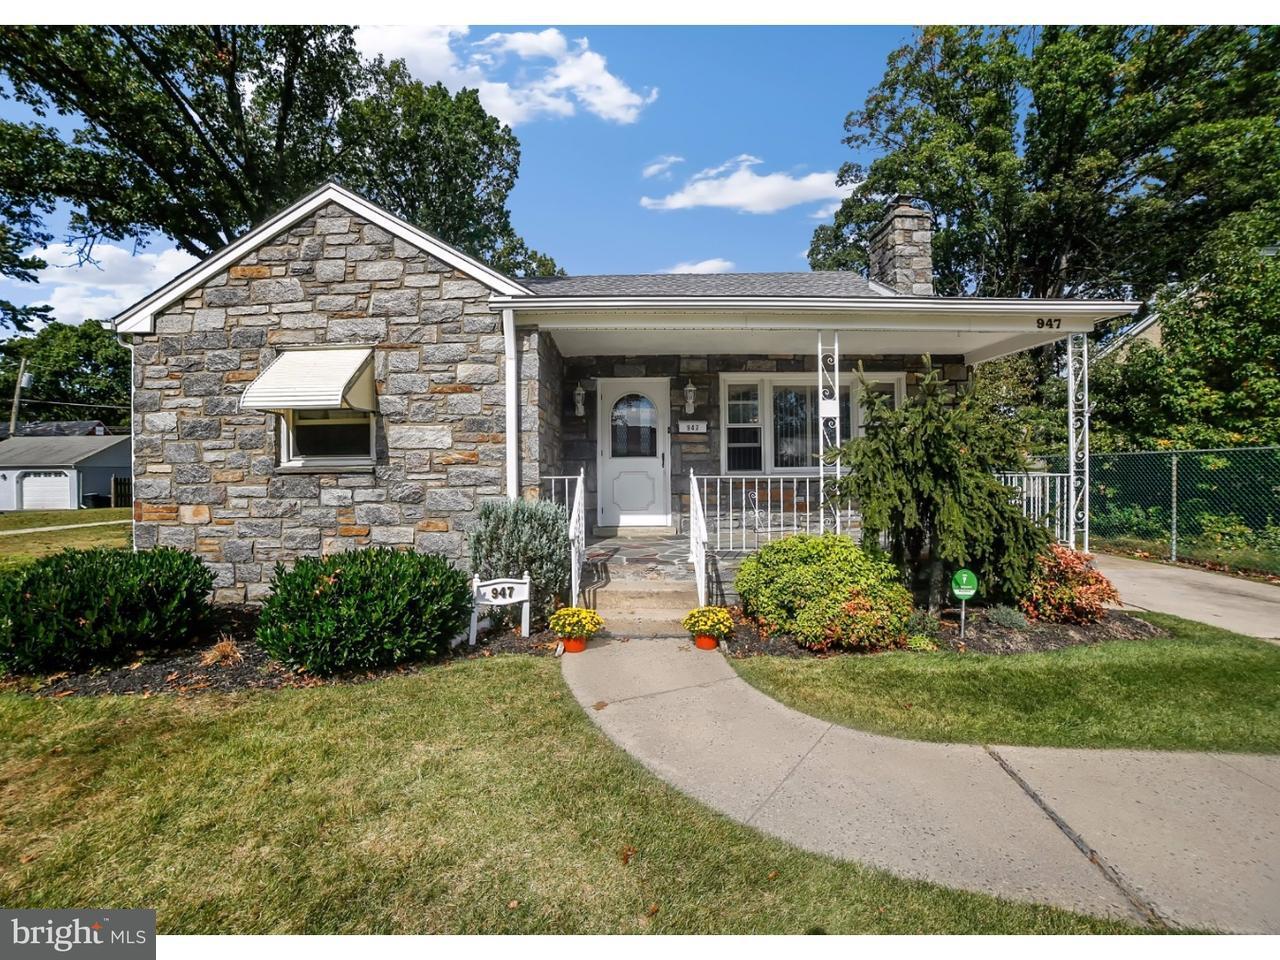 Частный односемейный дом для того Продажа на 947 KELLY Avenue Milmont Park, Пенсильвания 19094 Соединенные Штаты